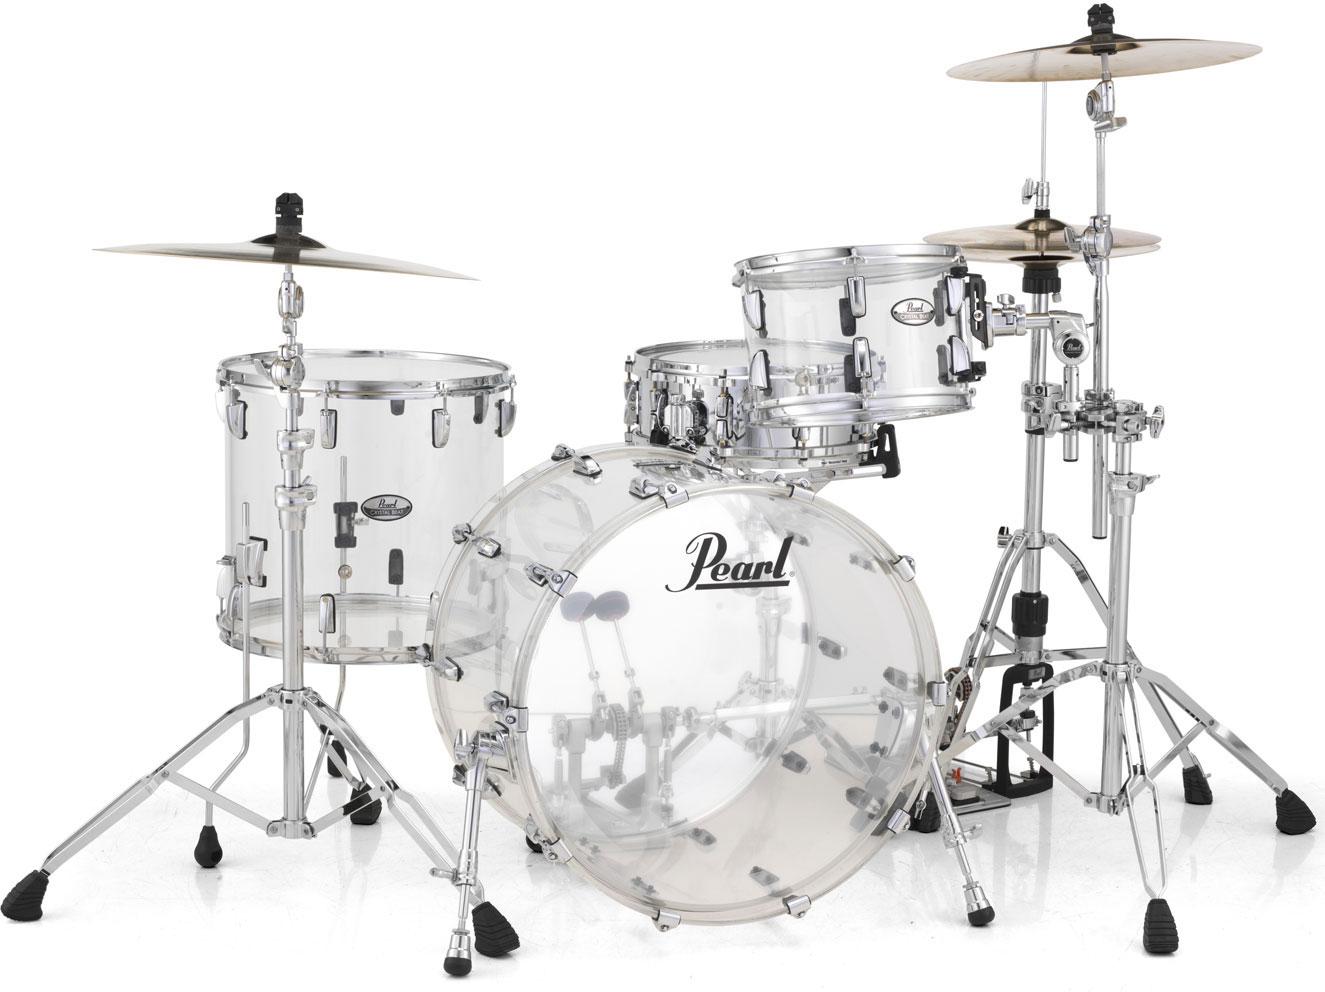 Billede af Pearl Crystal Beat Rock Trommesæt Ultra Clear